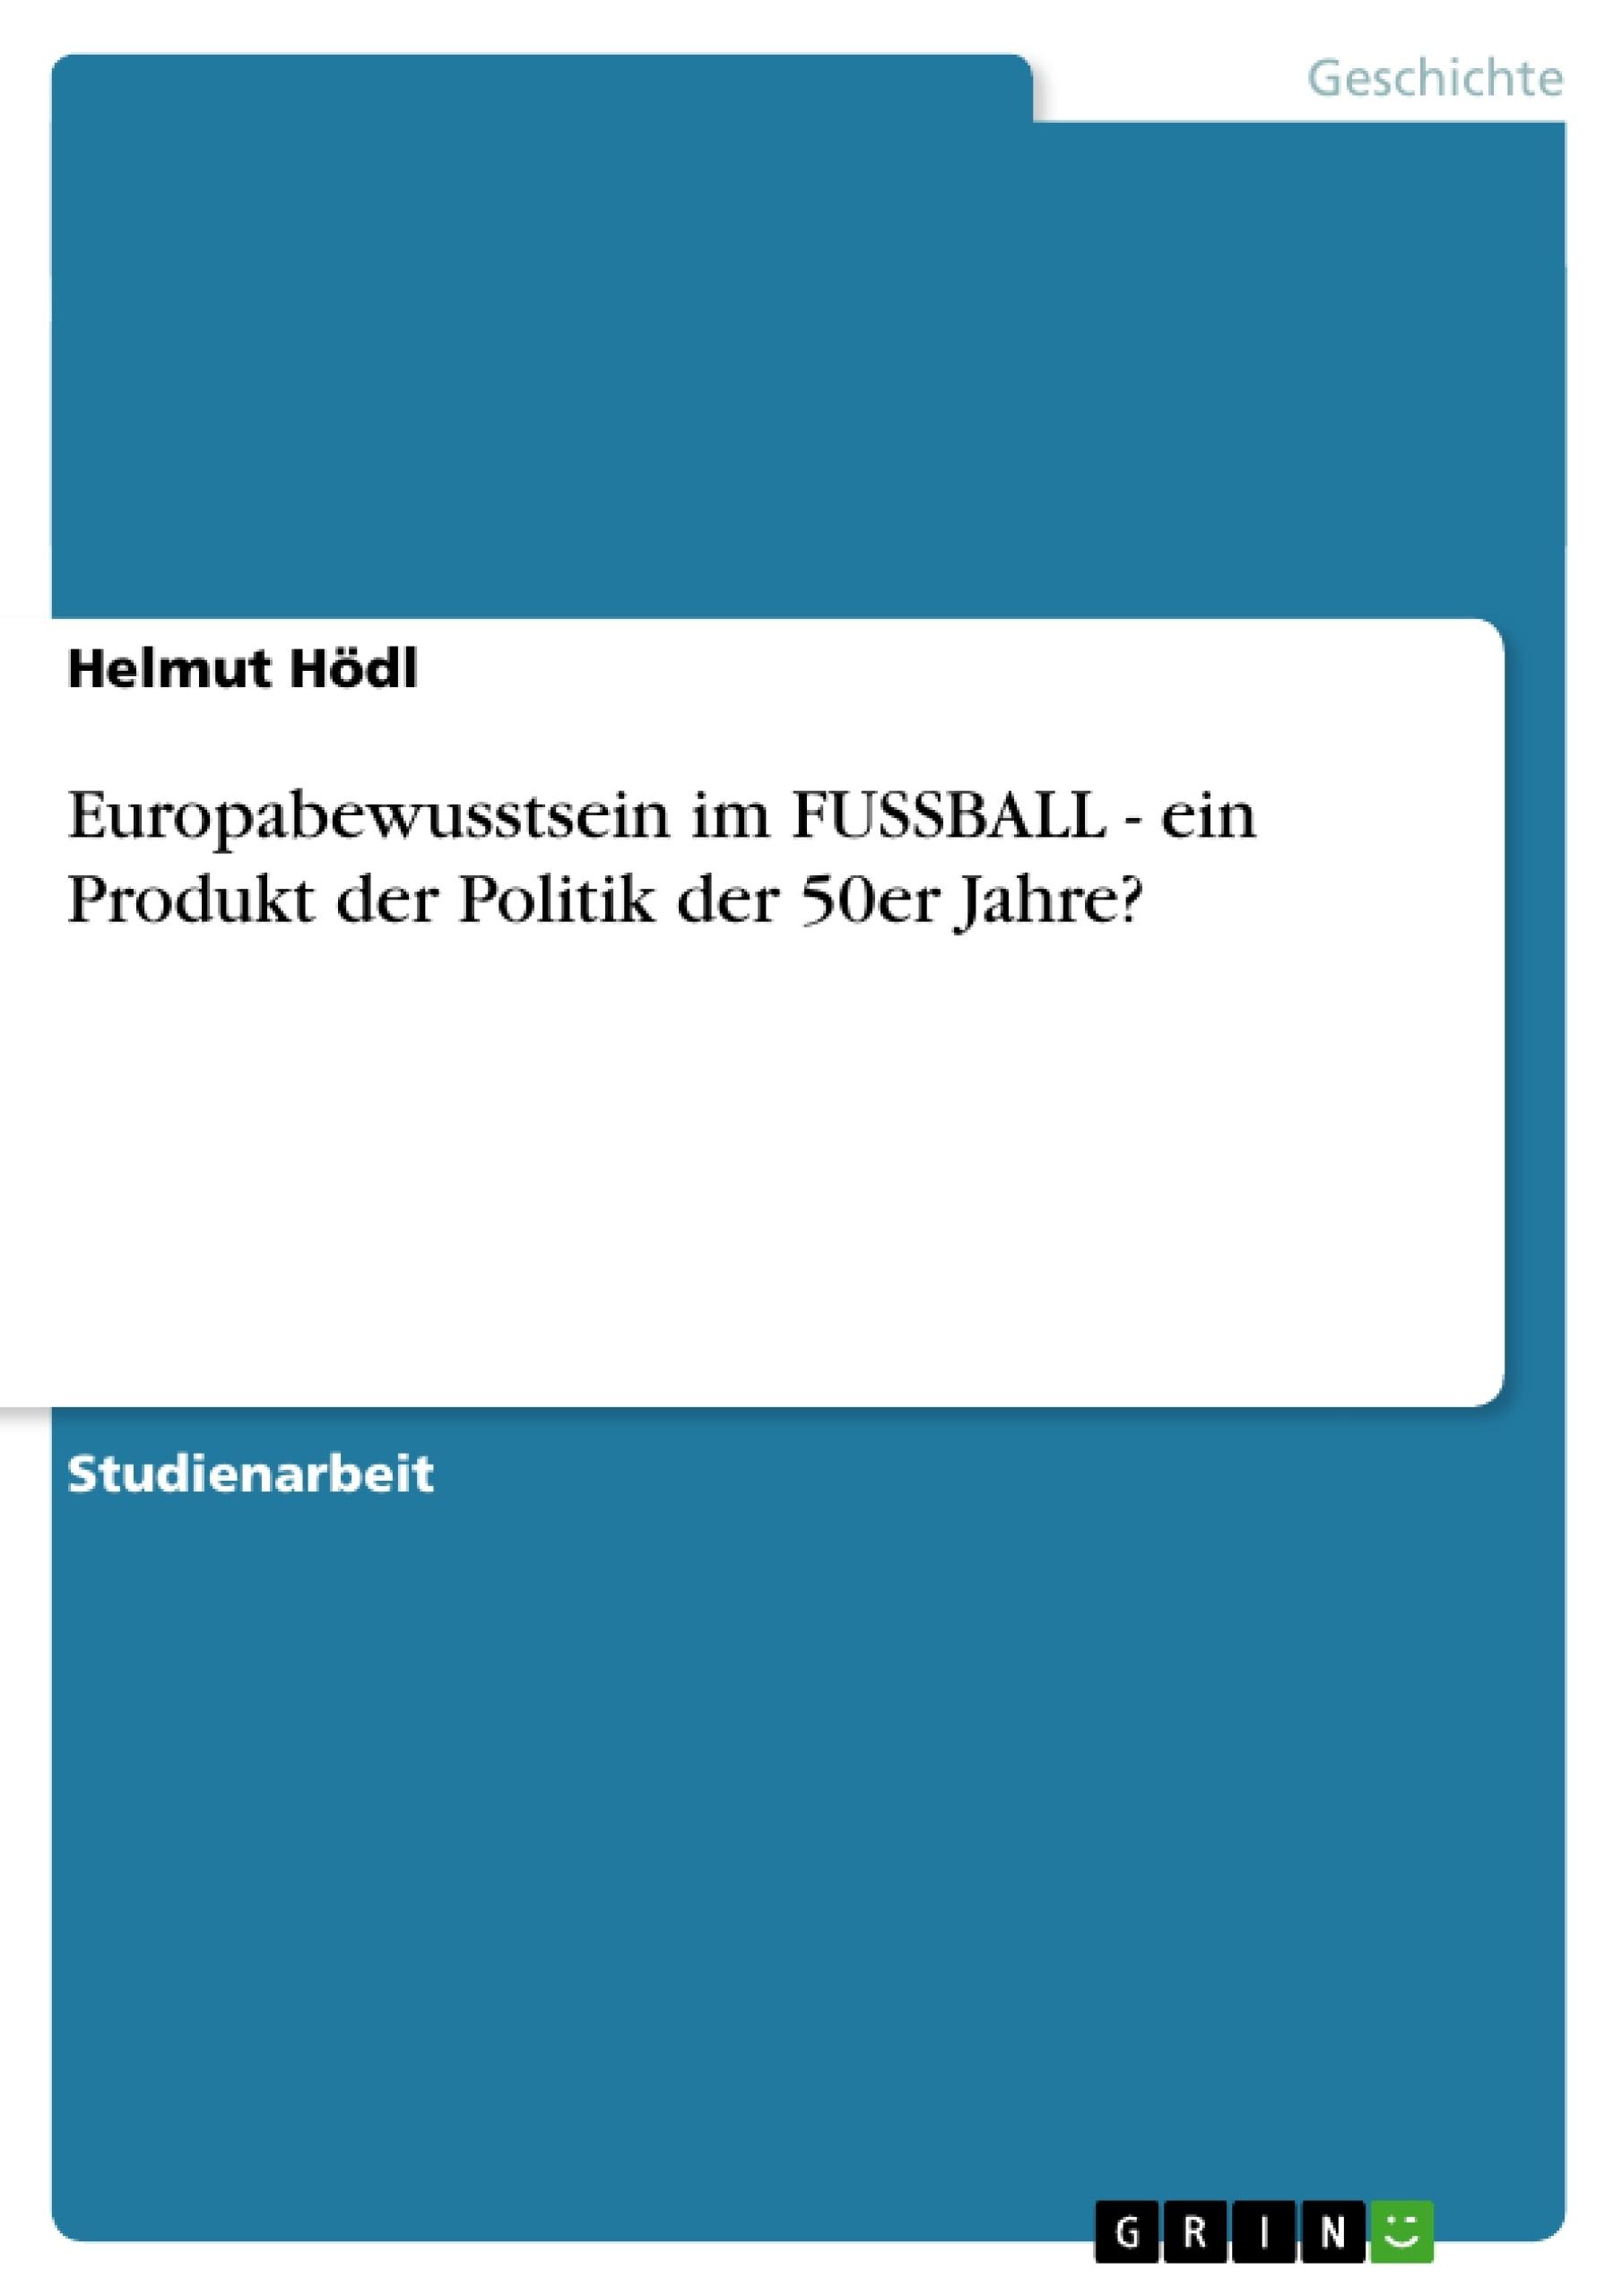 Titel: Europabewusstsein im FUSSBALL - ein Produkt der Politik der 50er Jahre?